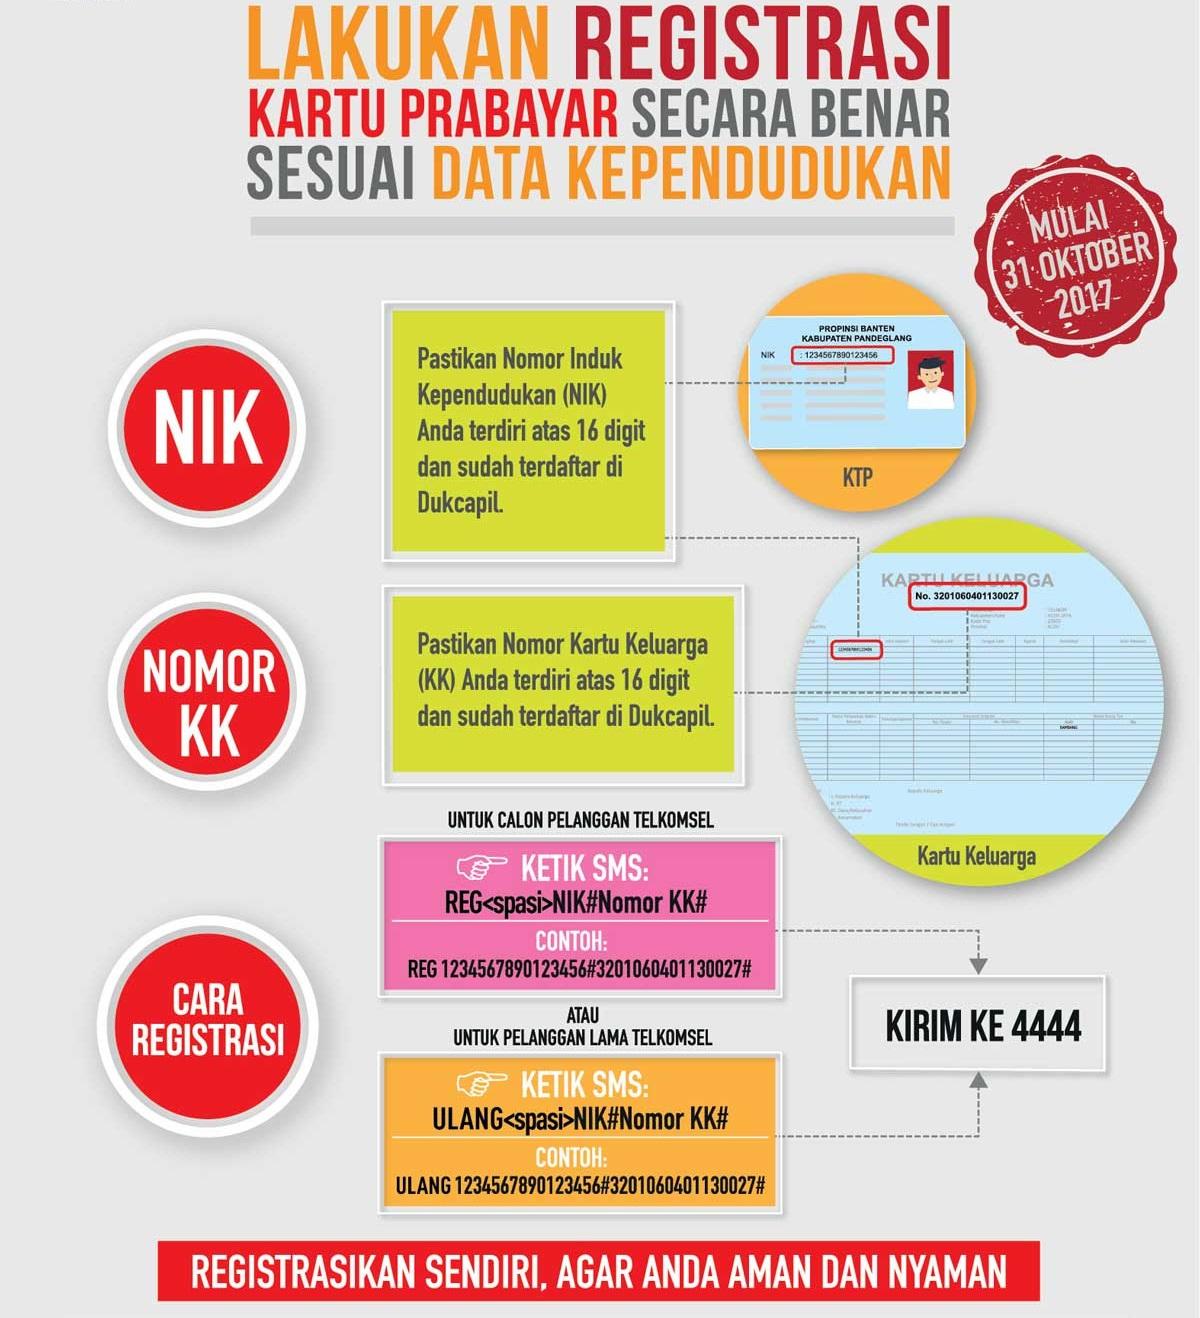 Cara Registrasi Ulang Kartu Prabayar Telkomsel  inicaracek.com